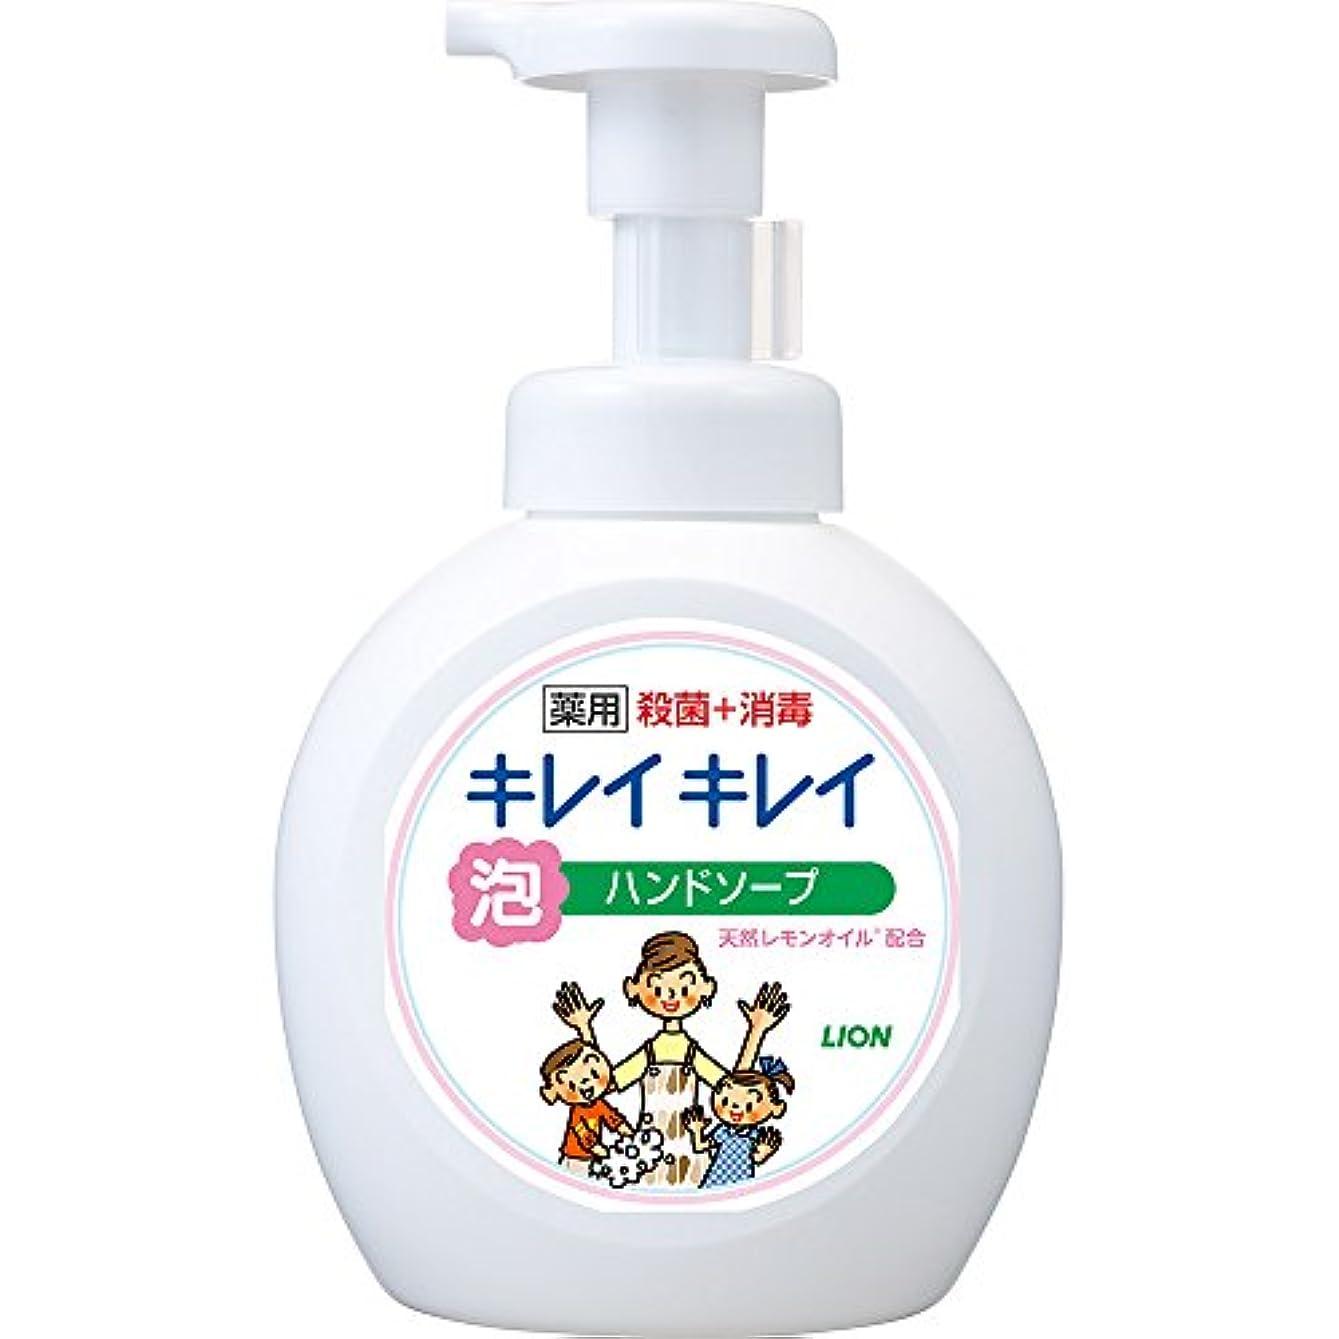 ブランチレクリエーションぼかしキレイキレイ 薬用 泡ハンドソープ シトラスフルーティの香り 本体ポンプ 大型サイズ 500ml(医薬部外品)